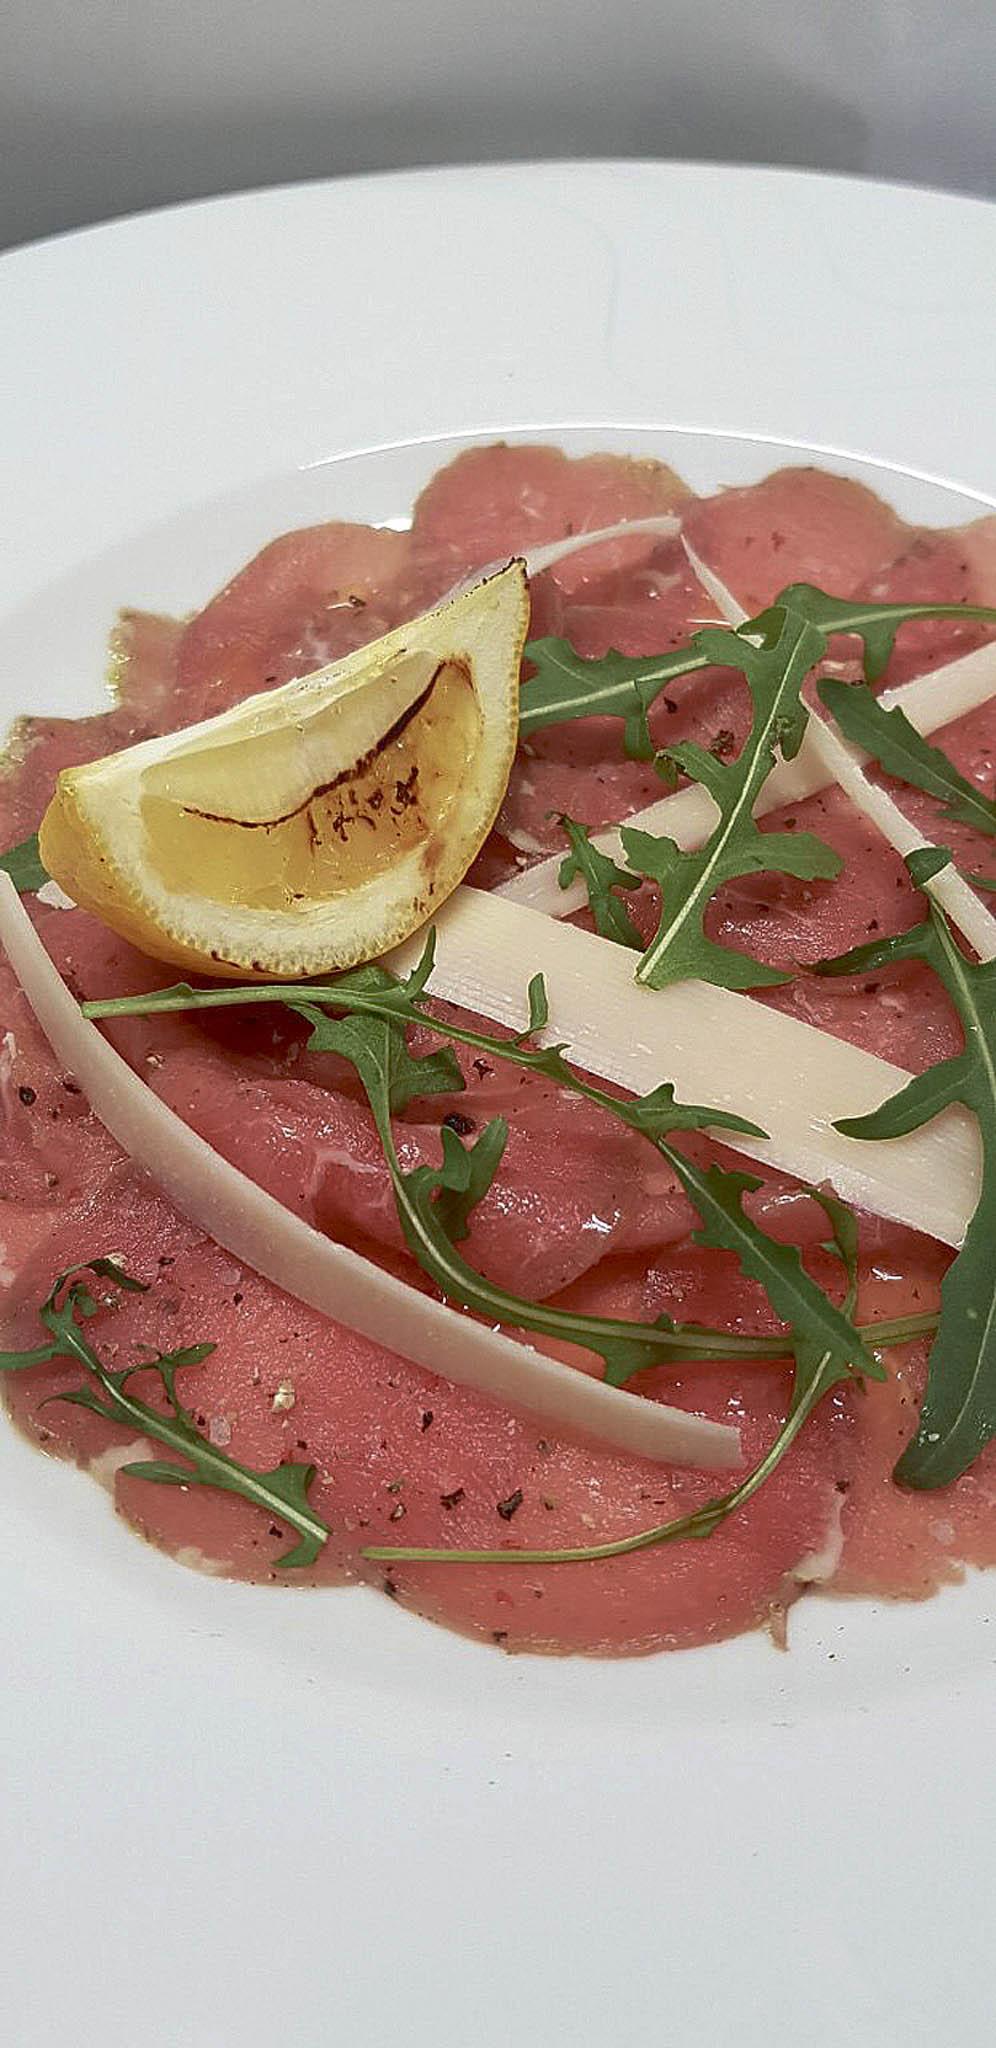 Kvalitní hovězí maso je v nabídce také syrové, jako tatarák či carpaccio. (Foto: archiv restaurace)